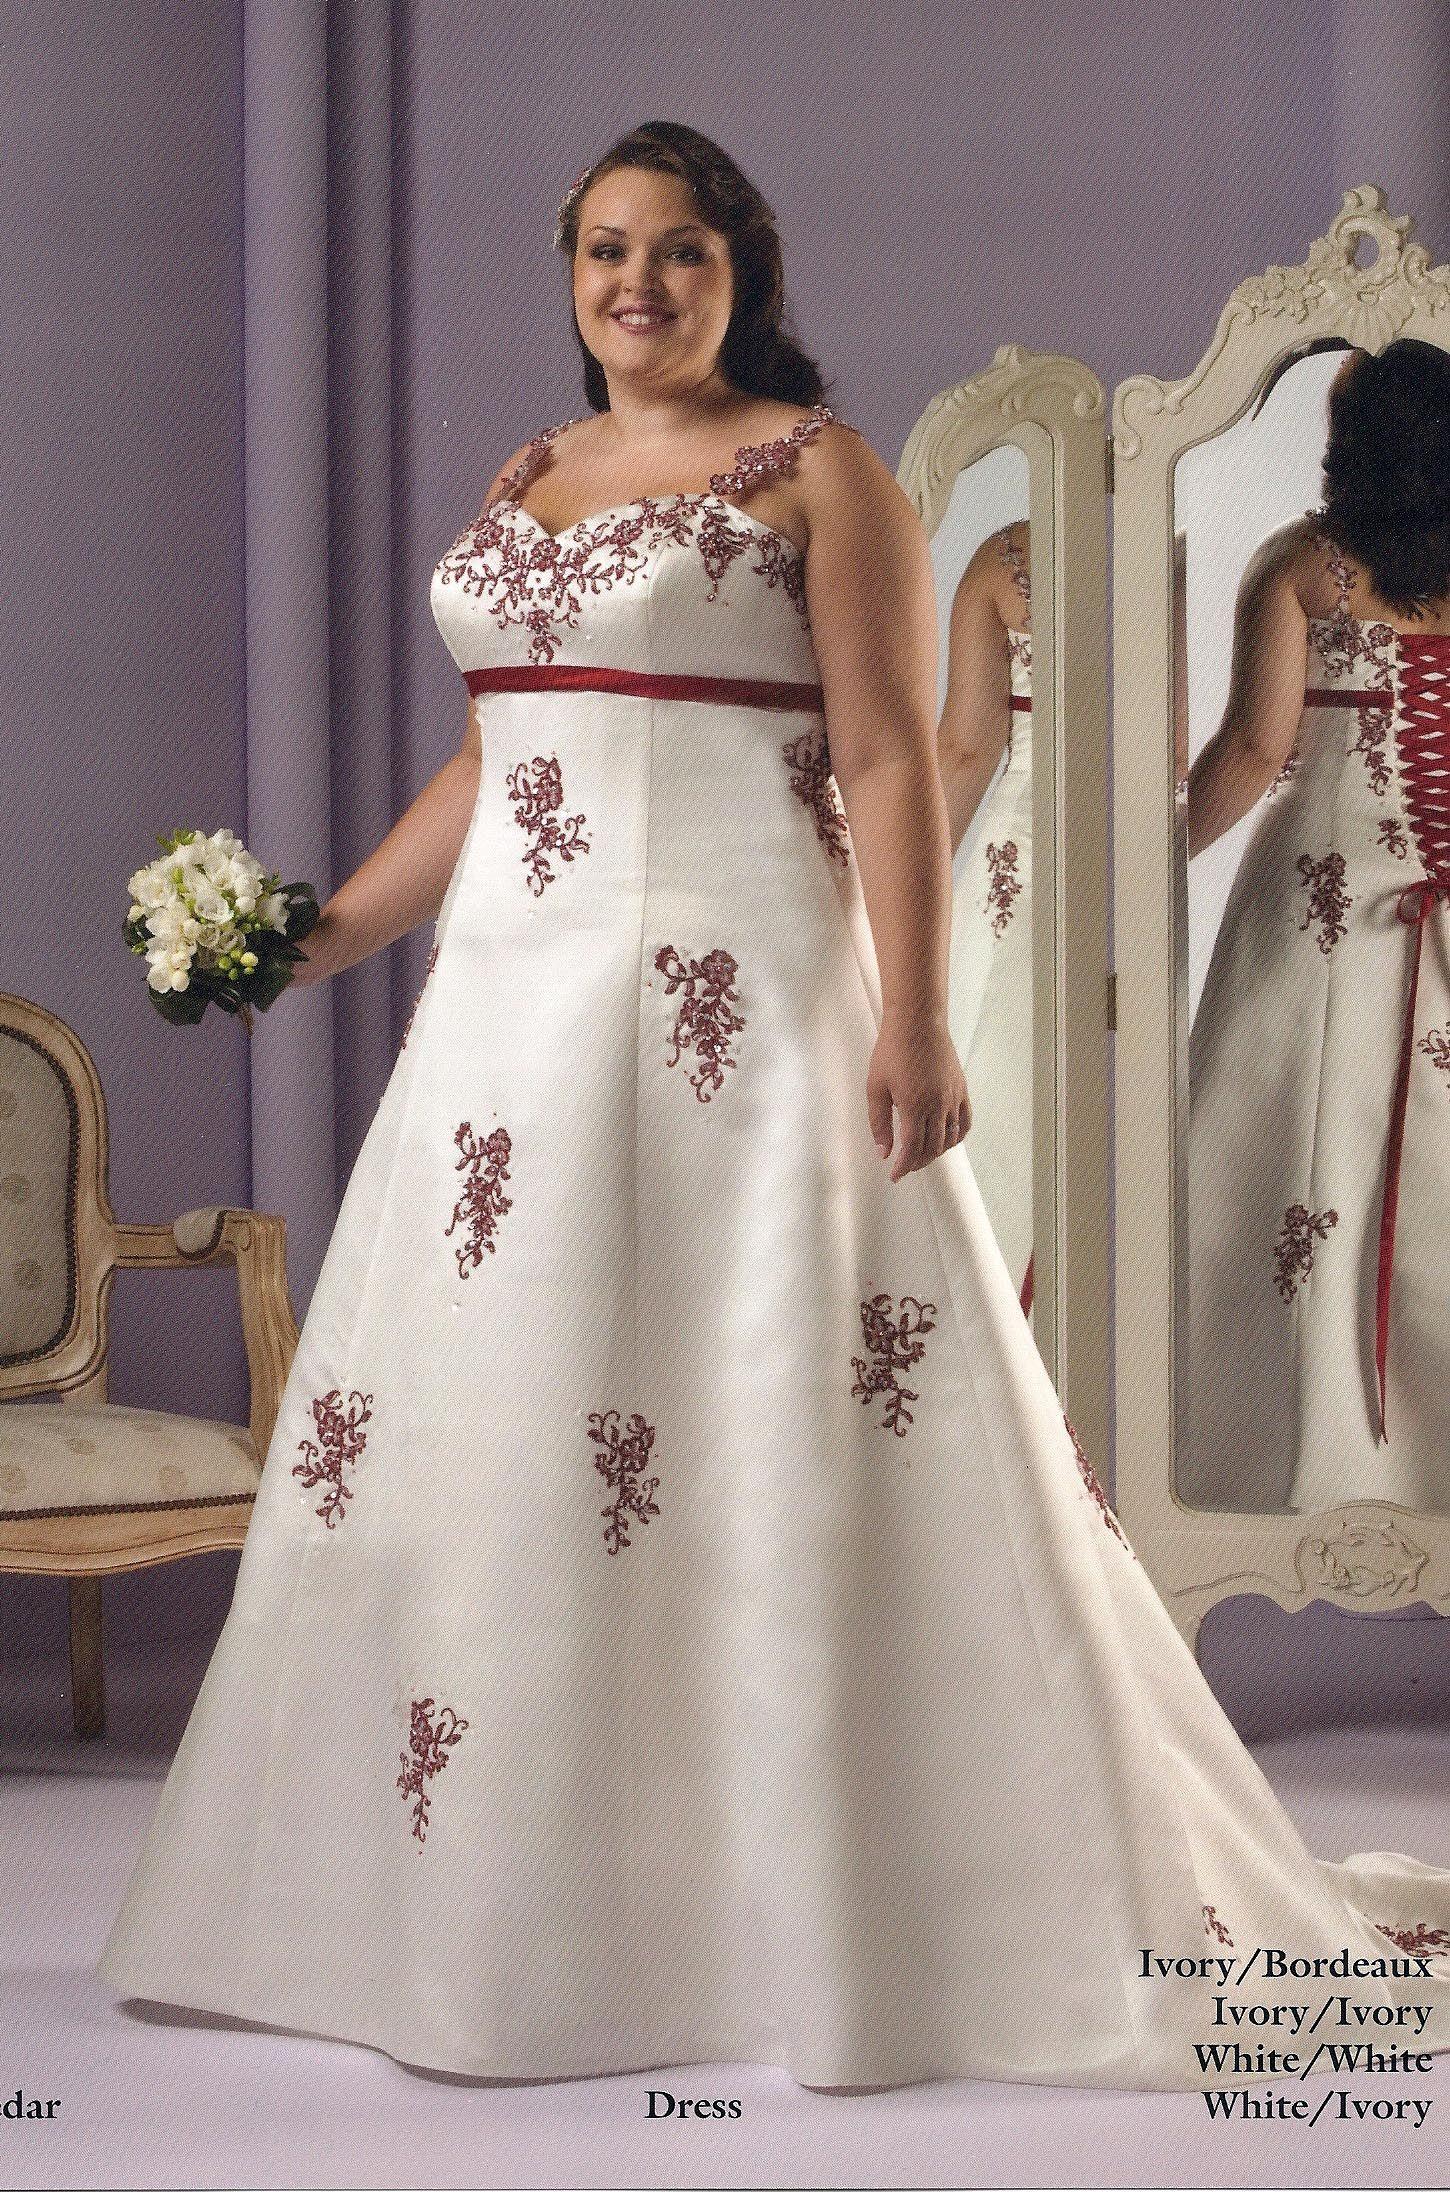 billig aber elegant und glamour hochzeitskleider günstig